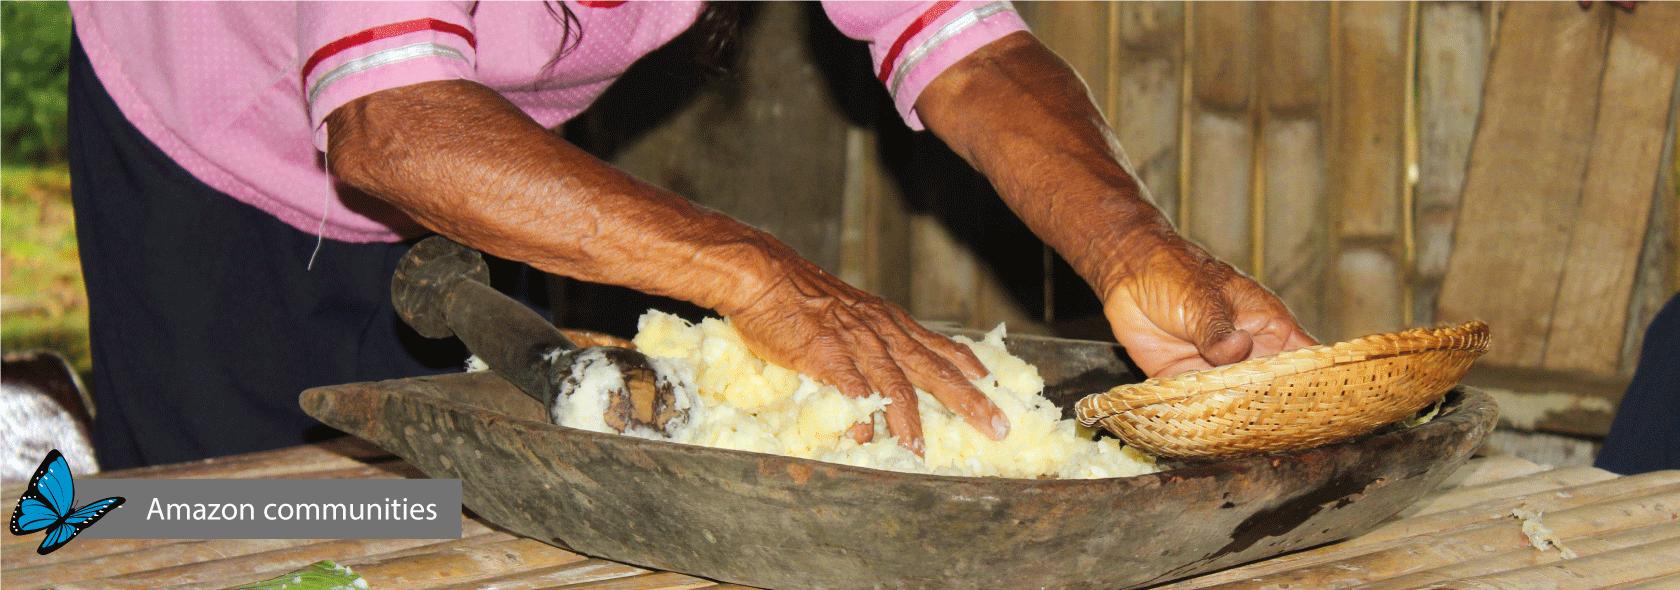 AmaCommunities